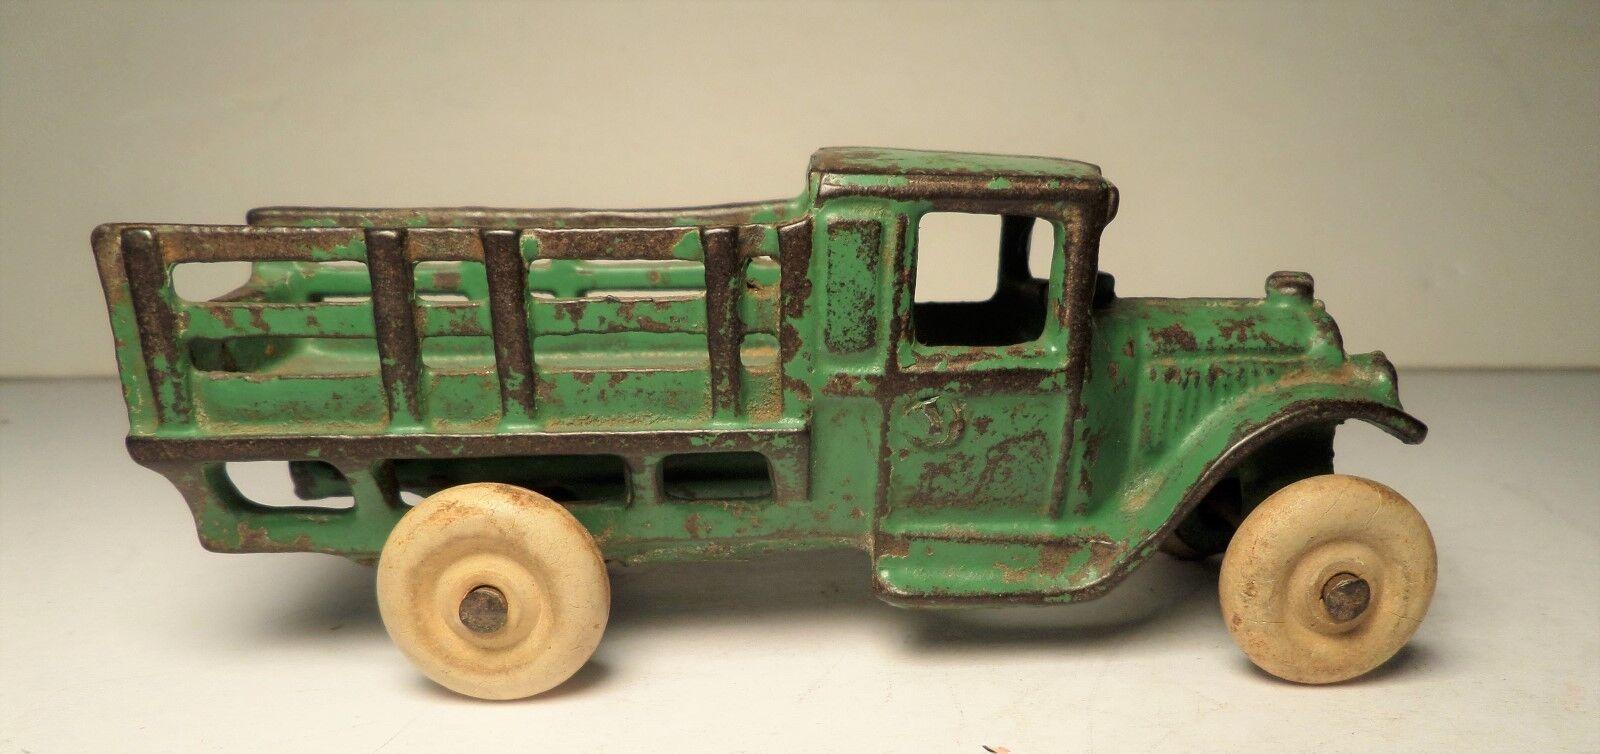 precios bajos 1920s Arcade Arcade Arcade verde Ford Estaca camión  213 Hubley  encuentra tu favorito aquí